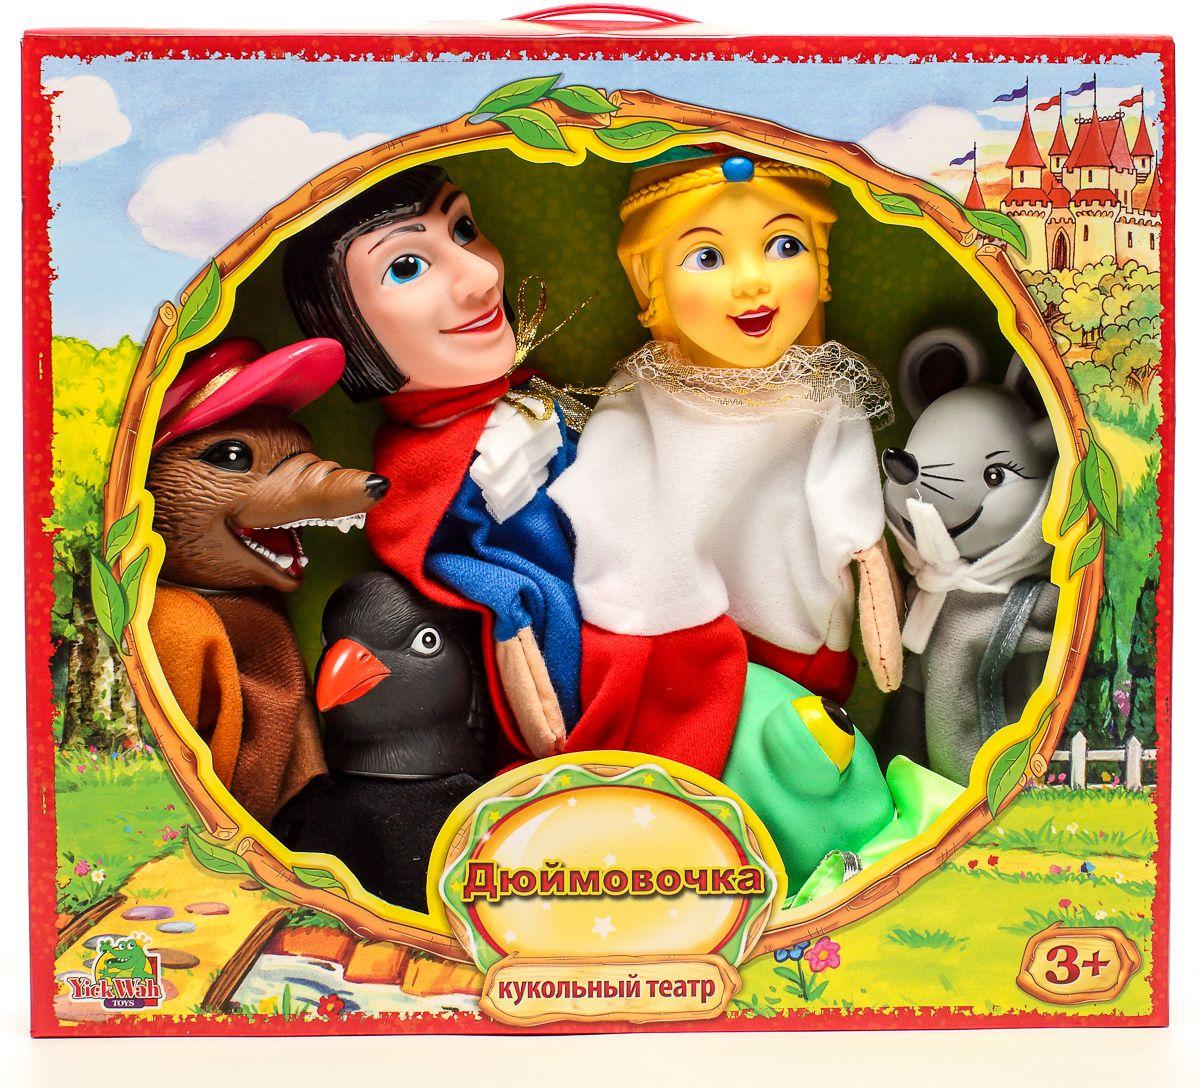 Yick Wah Кукольный театр Дюймовочка обычная кроватка счастливый малыш 008 дюймовочка тик